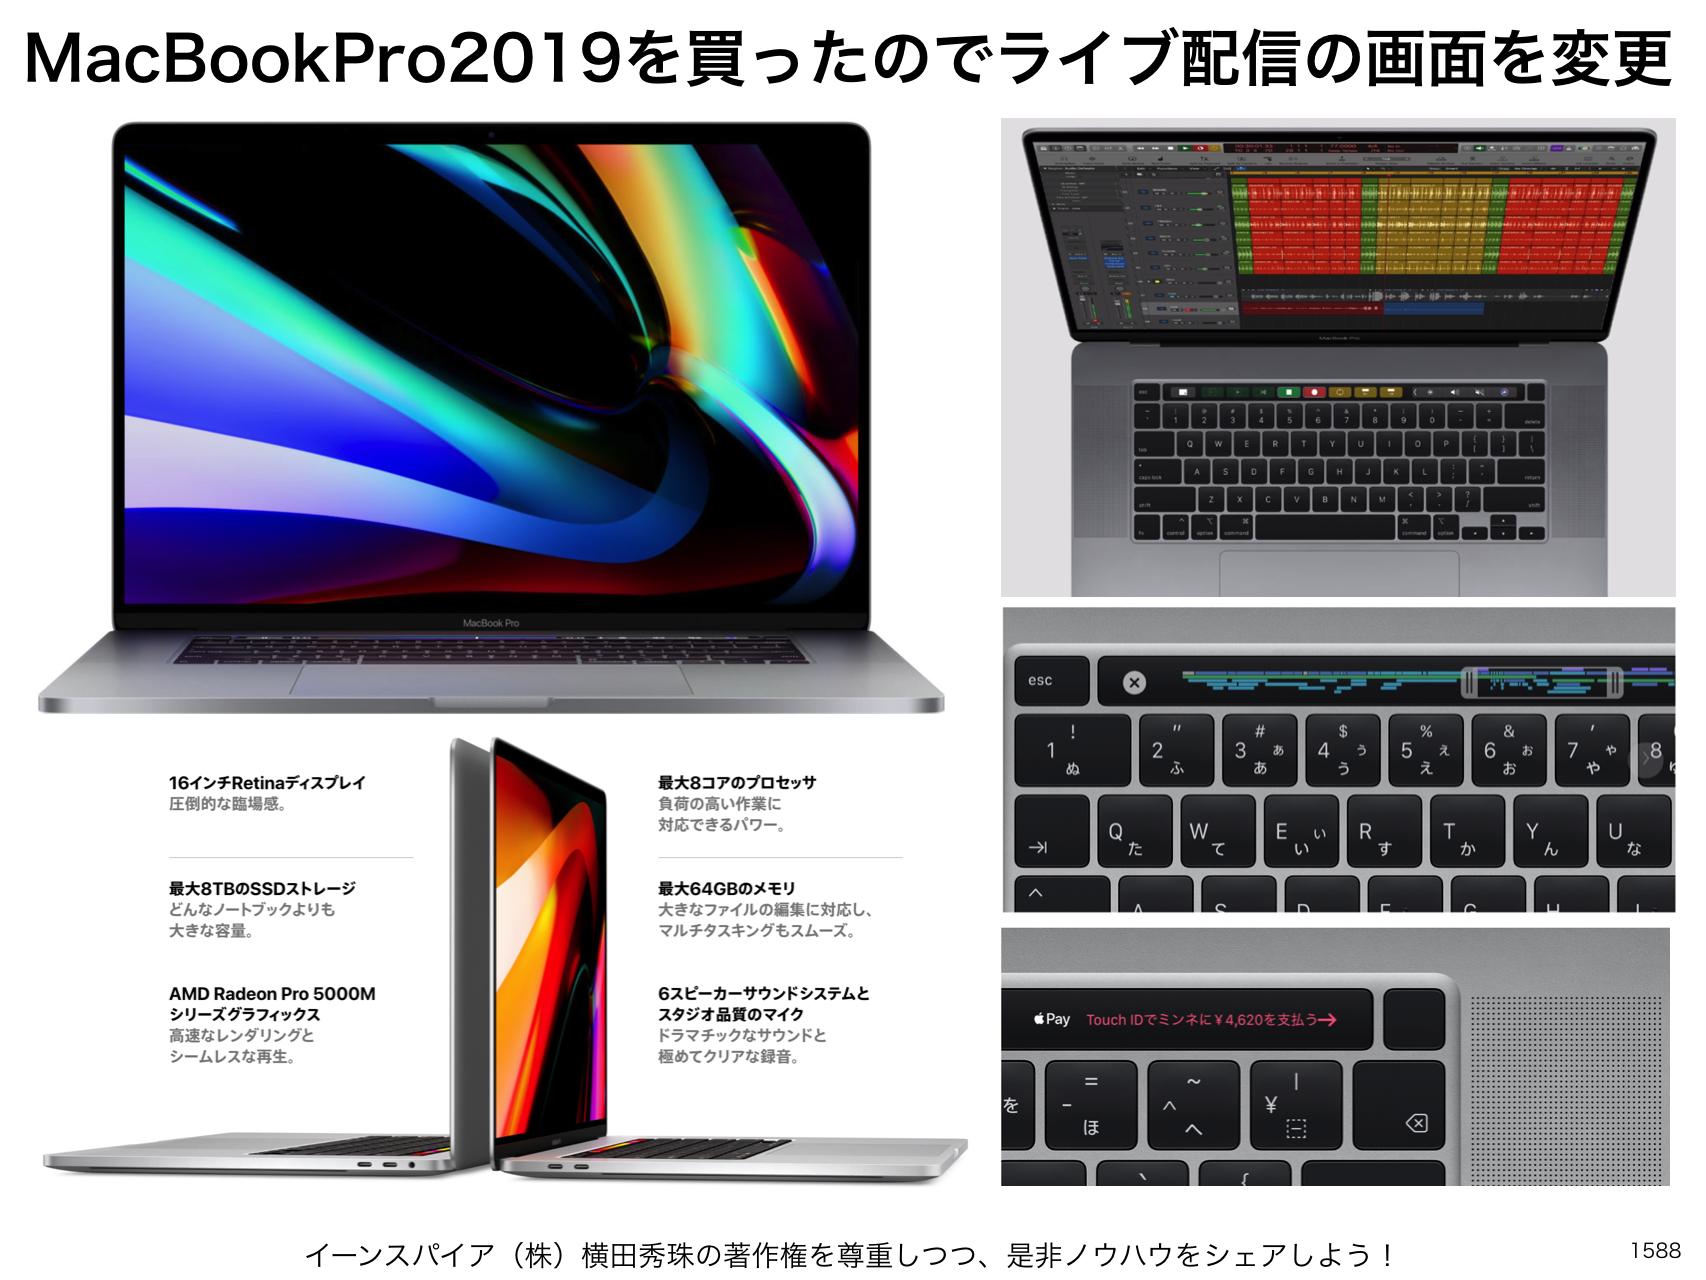 新しいMacBookPro2019買ったのでライブ配信の画面も変更